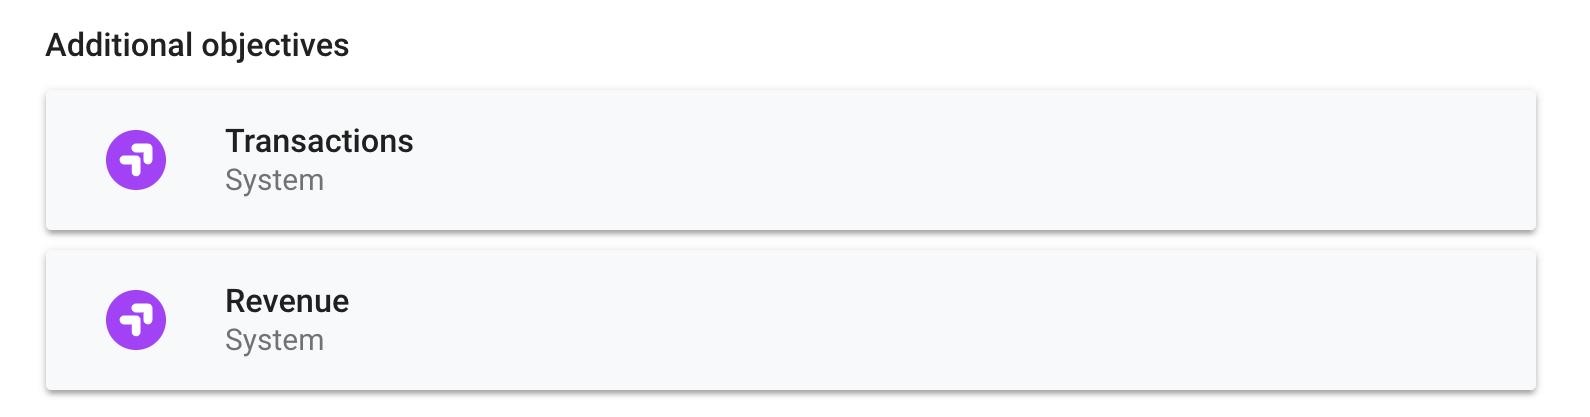 Zusätzliche Ziele in Google Optimize